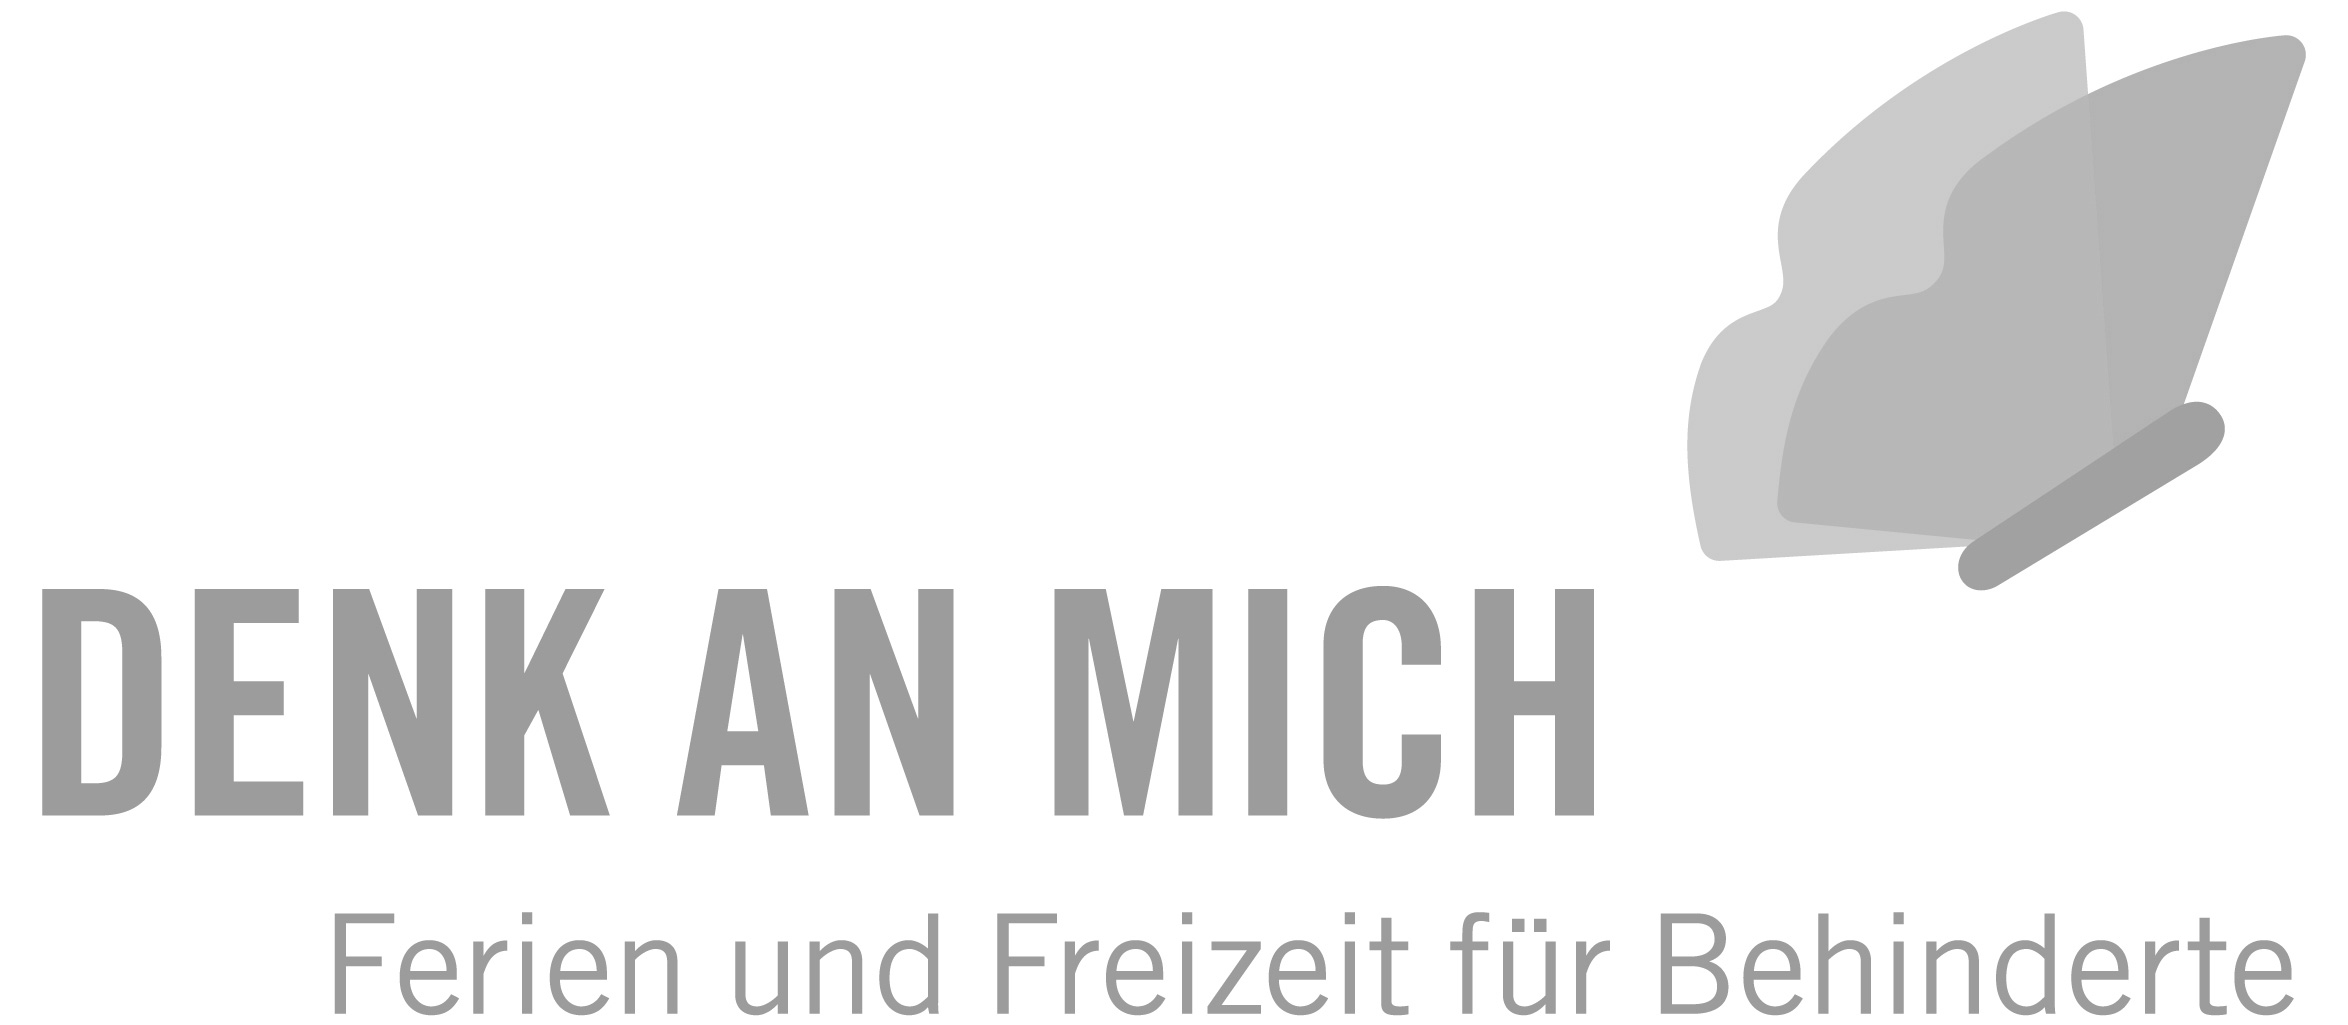 Logo der Stiftung Denk an mich